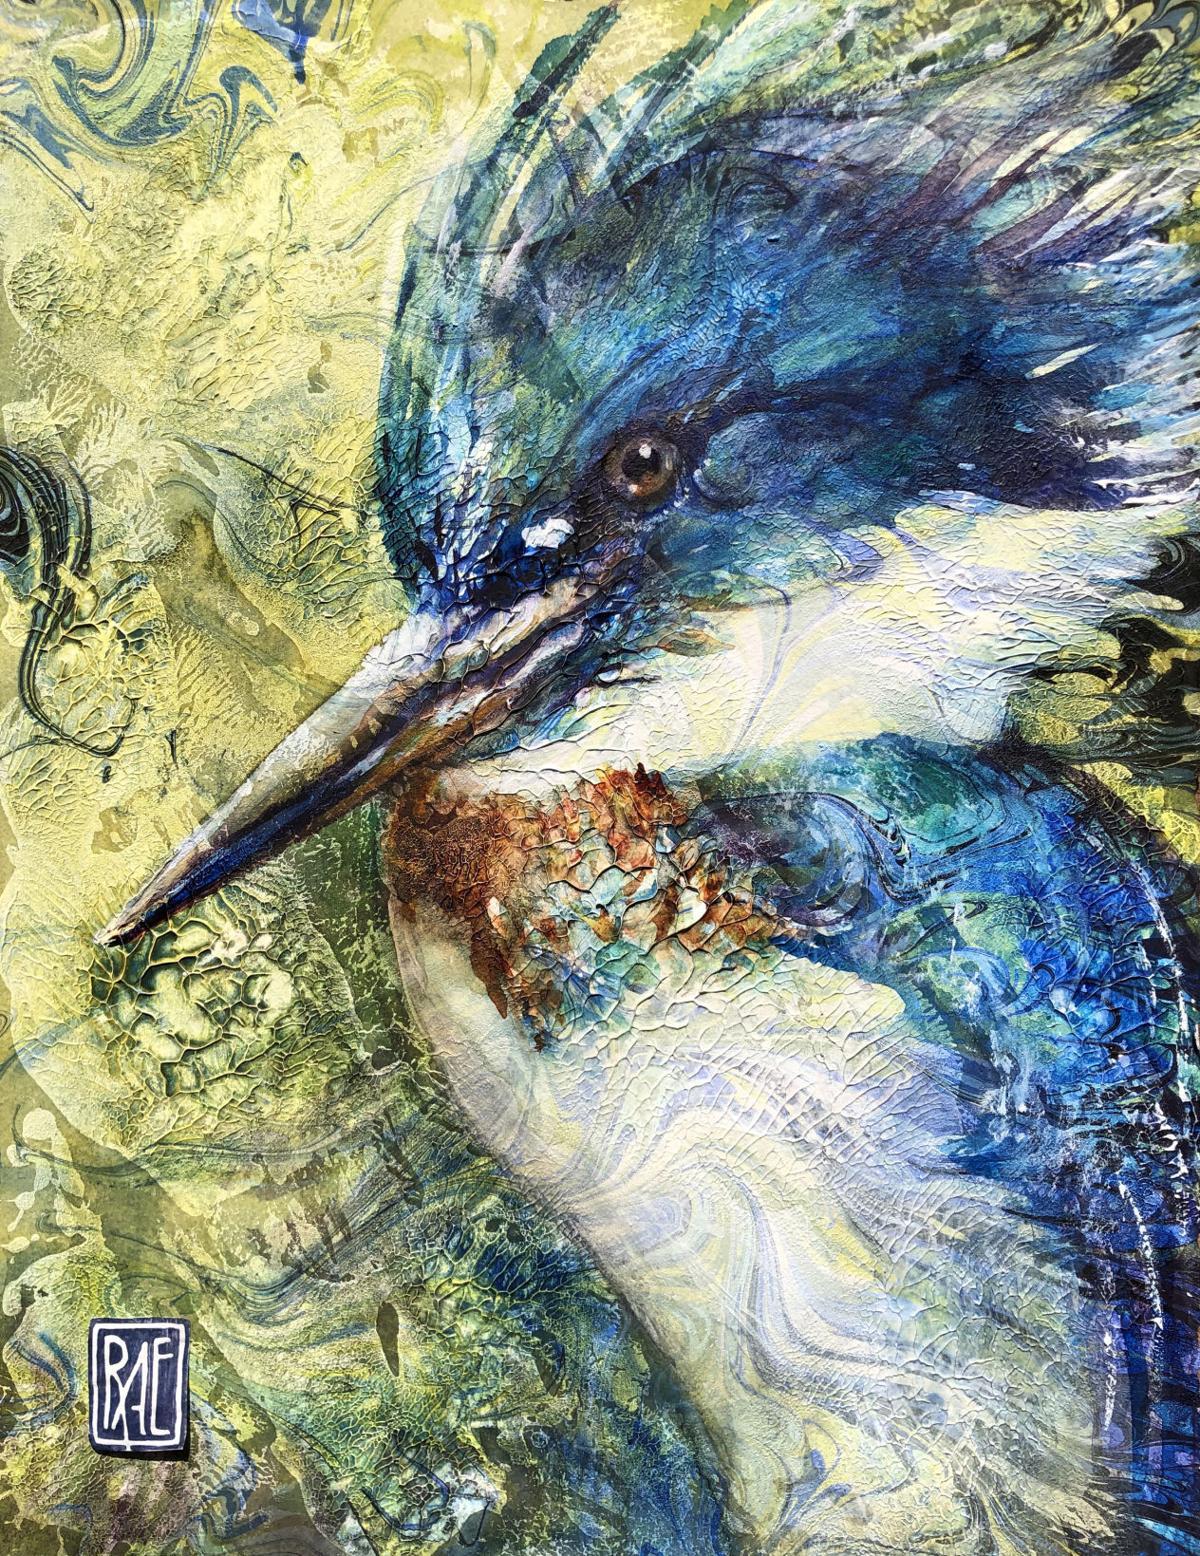 ode.to.the.tides.EisenbartRene.Fisher King-watermedia-20x24-425-2019.jpg